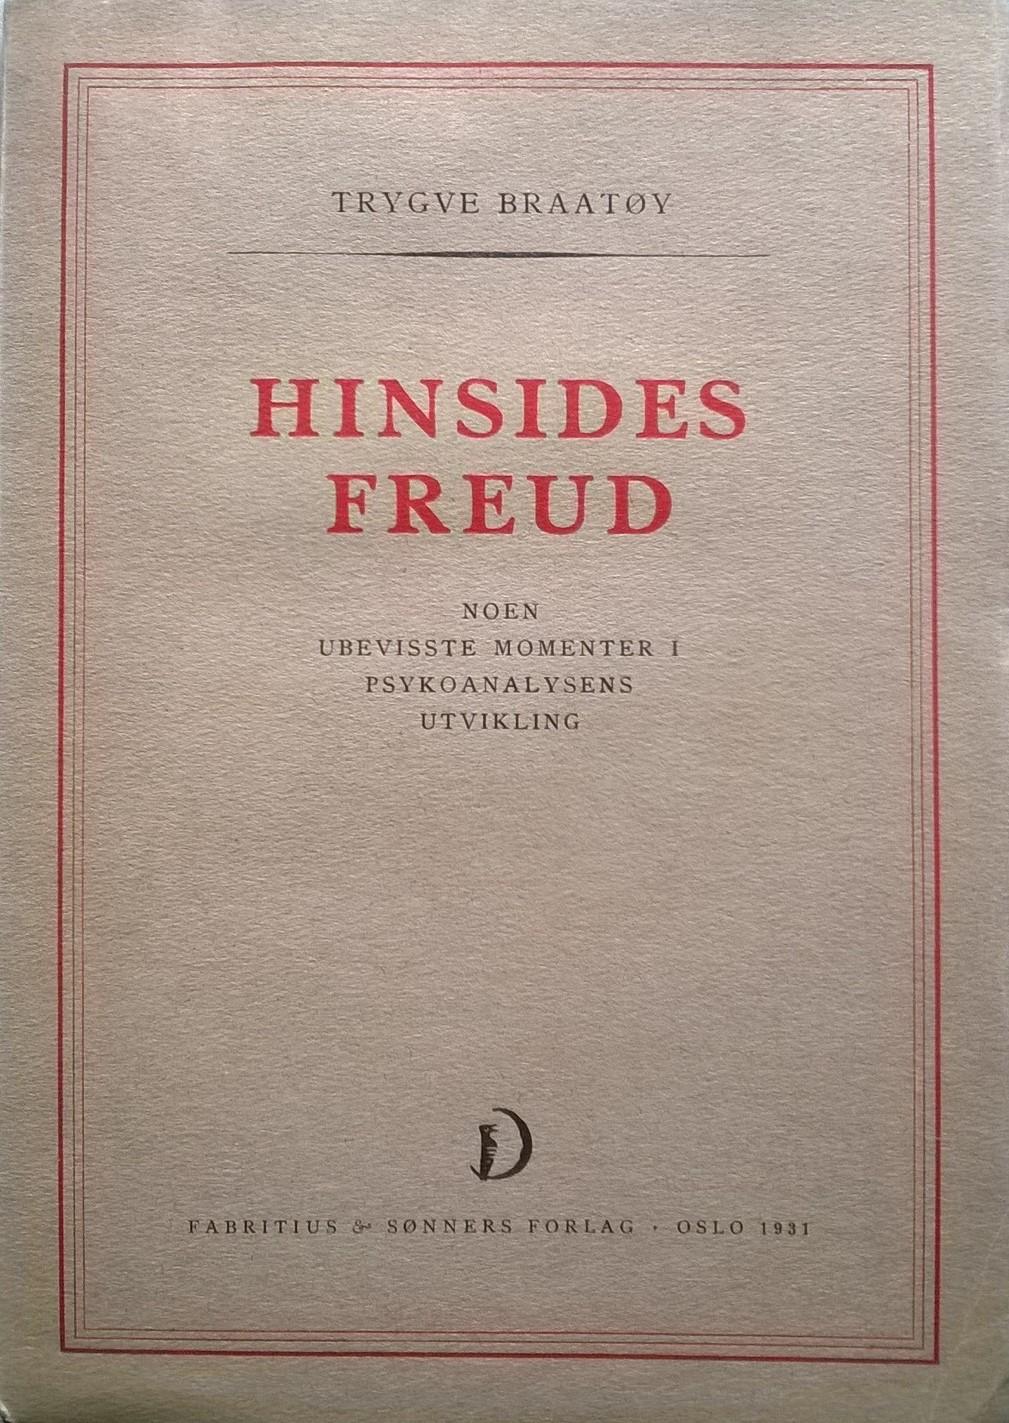 Braatøy, Trygve Hinsides Freud: Noen ubevisste momenter i psykoanalysens utvikling